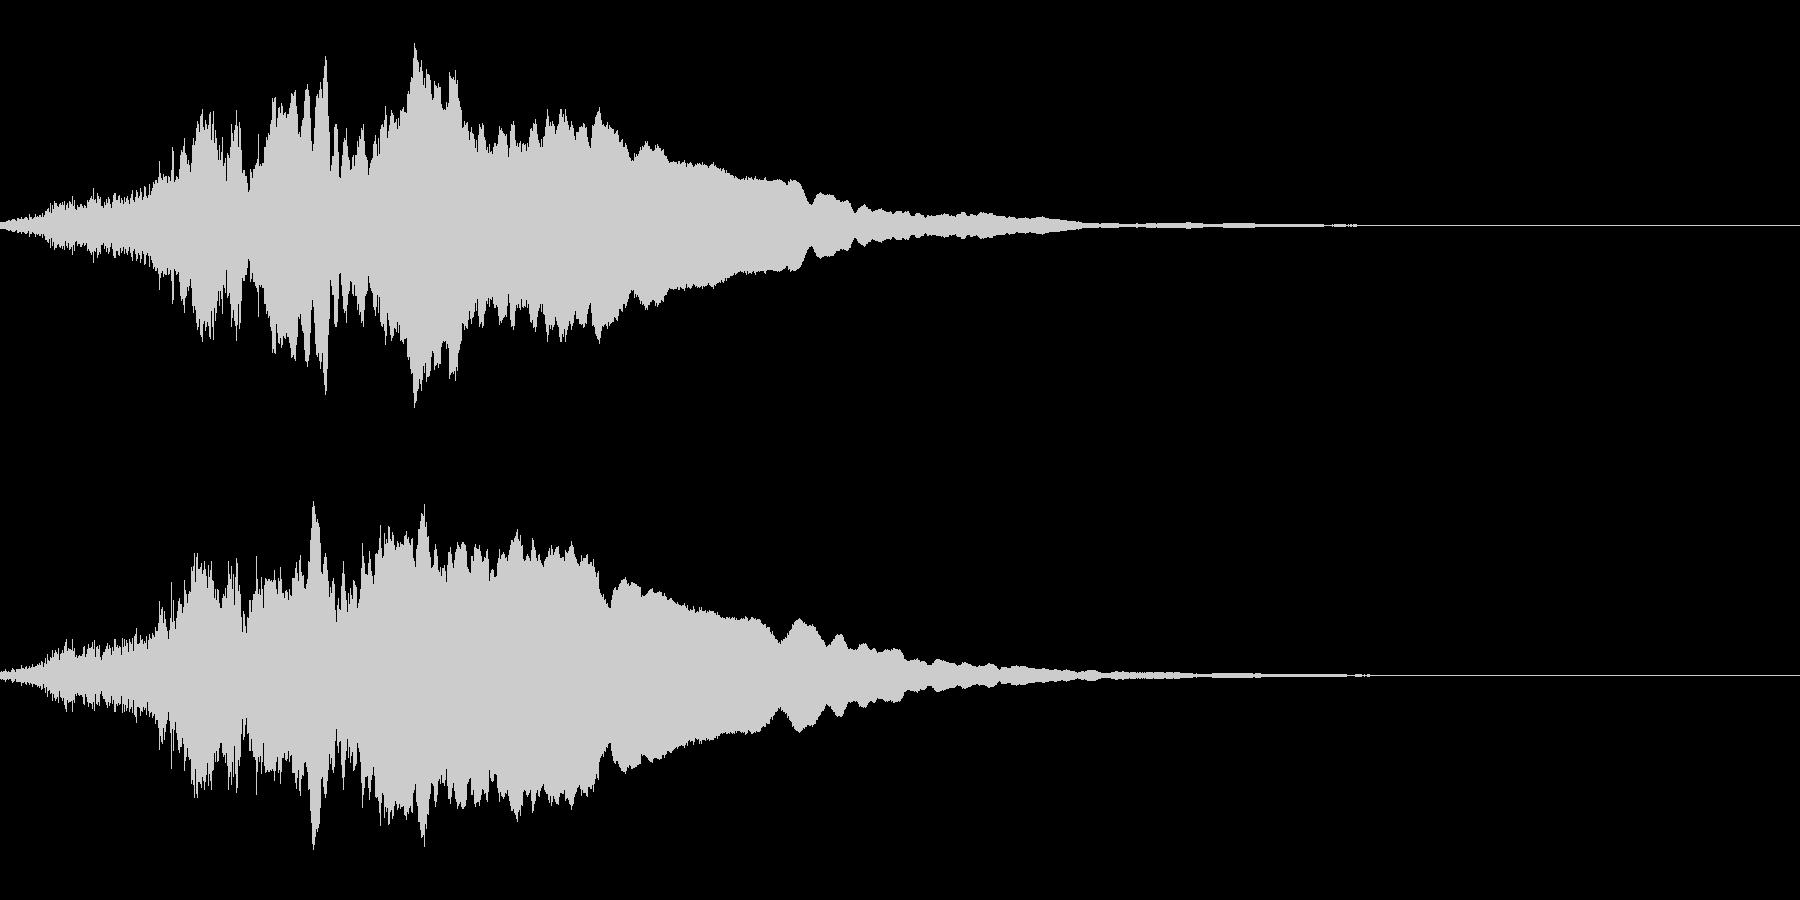 ピューンと逃げるの未再生の波形